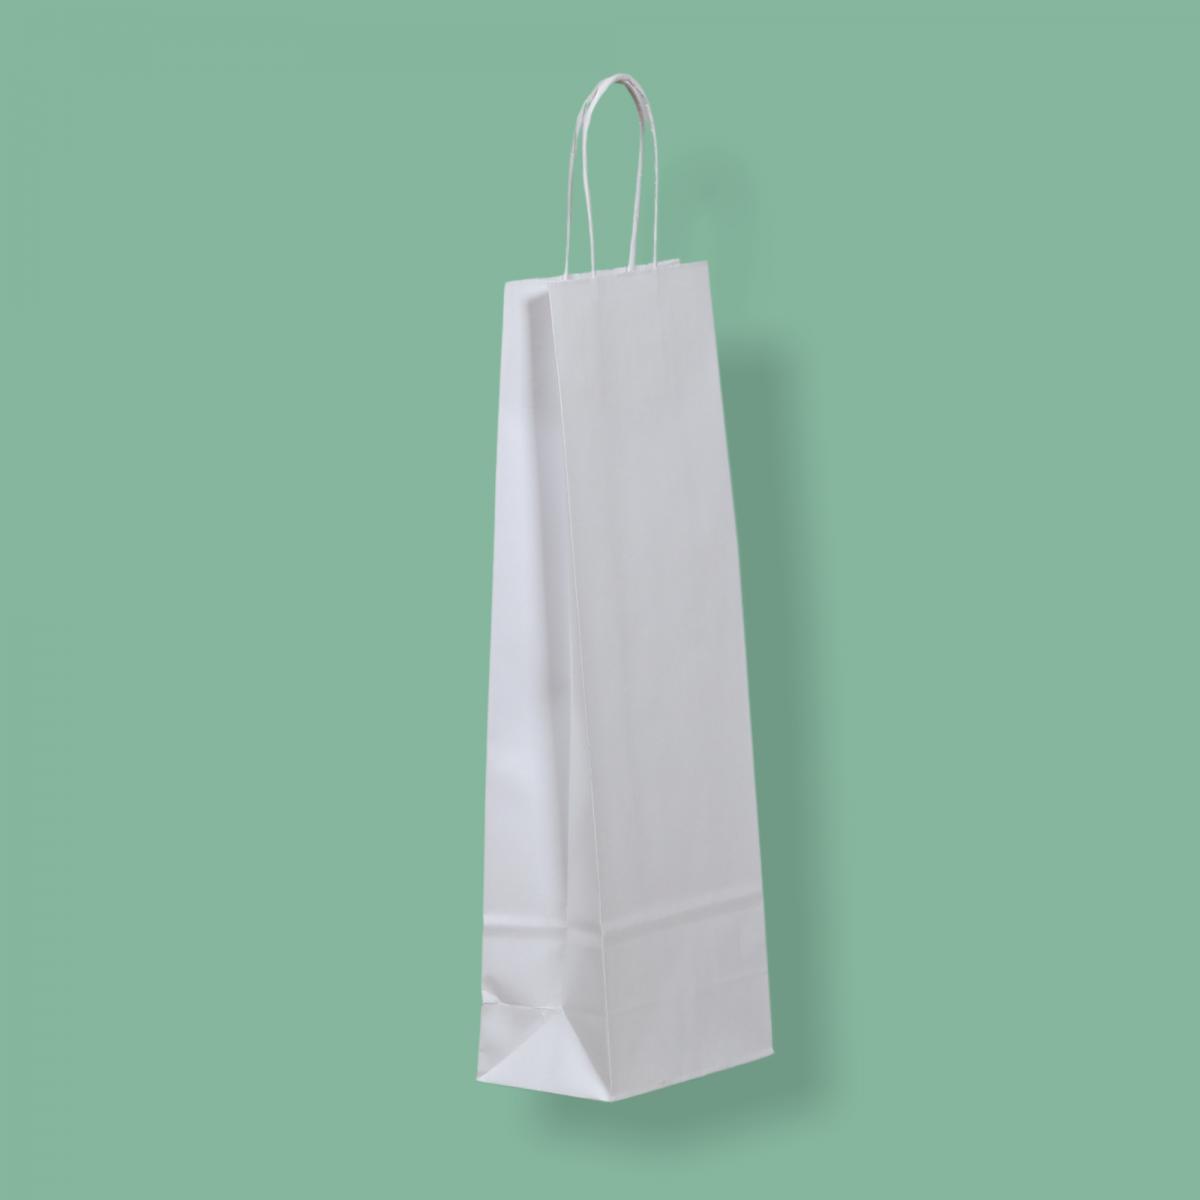 Sodrottfüles papírtáska 14x39+8 cm SÍMA kraft fehér ITALTASAK A.